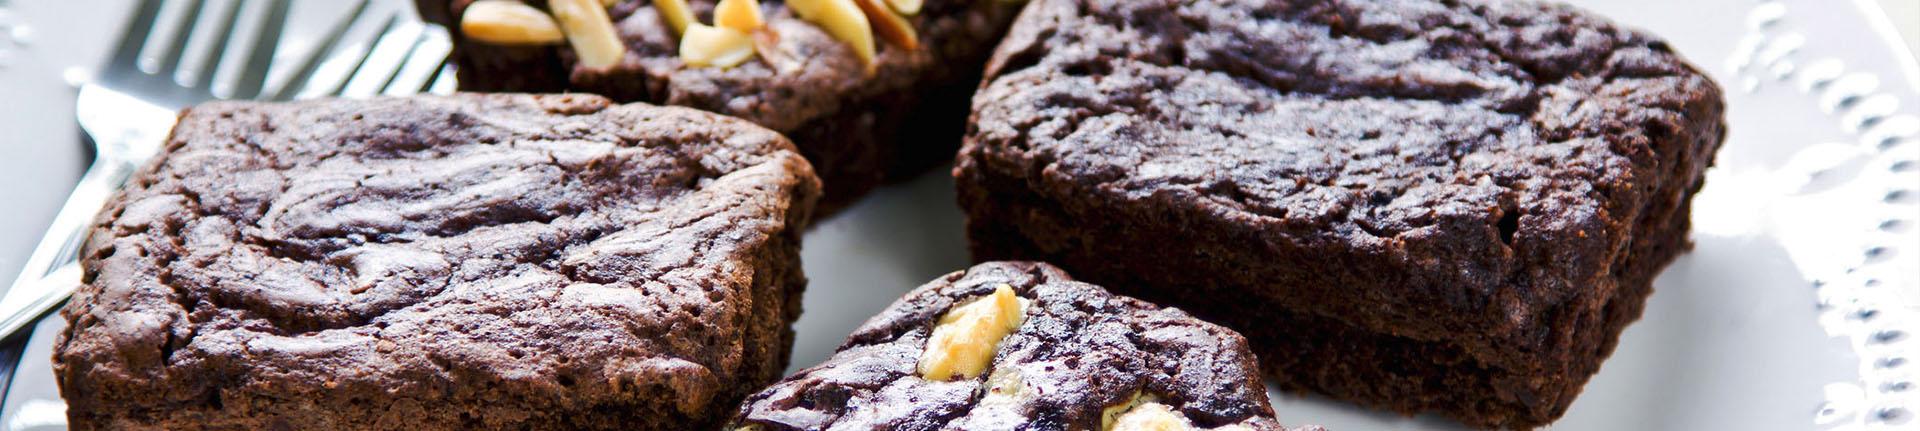 Brownie fit para uma sobremesa saudável